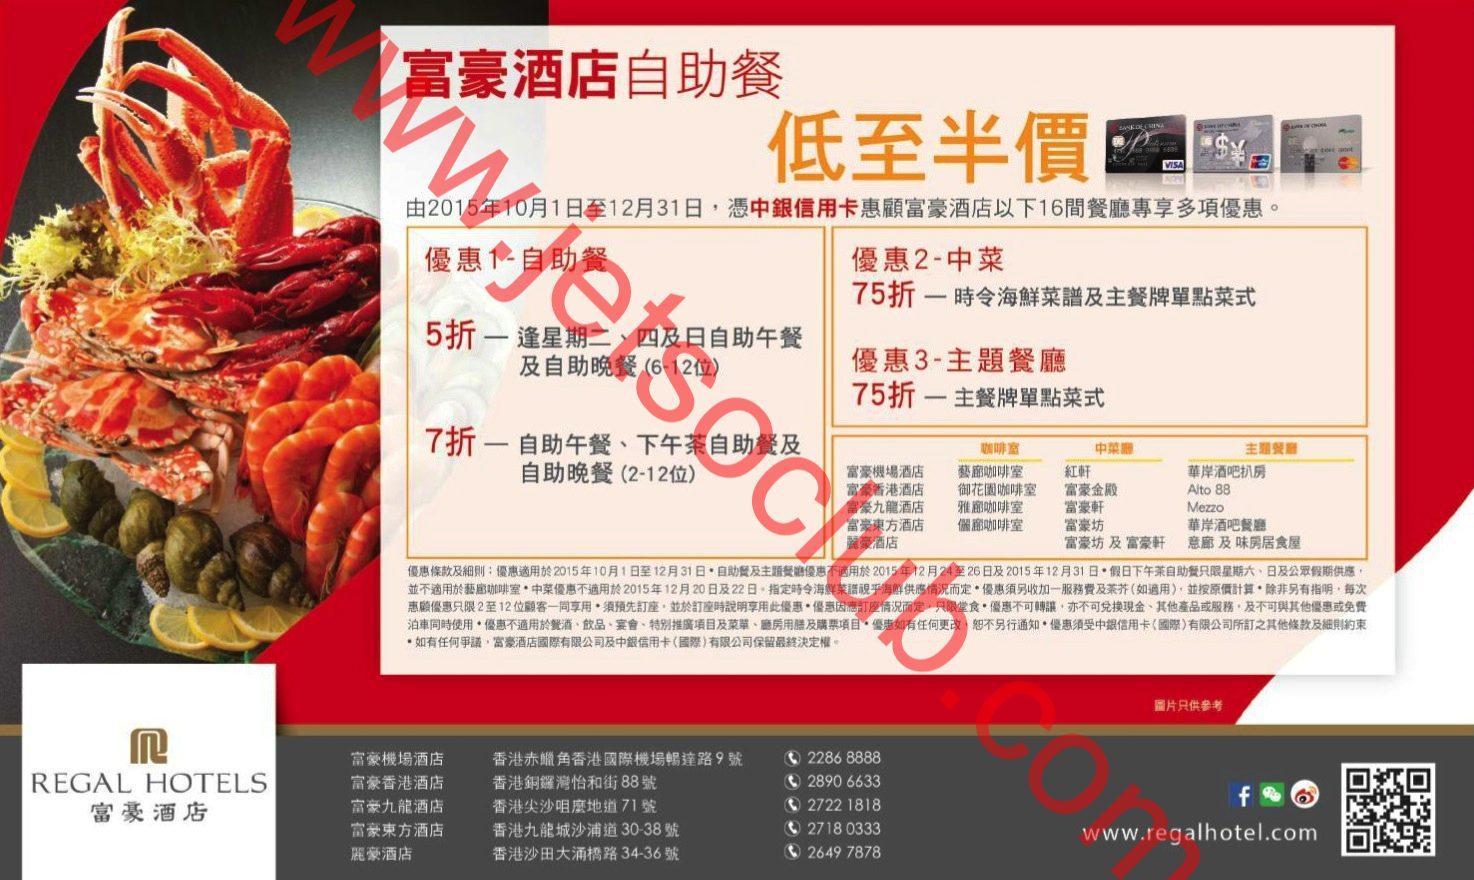 中銀信用卡:富豪酒店自助餐 低至半價(1/10-31/12) ( Jetso Club 著數俱樂部 )